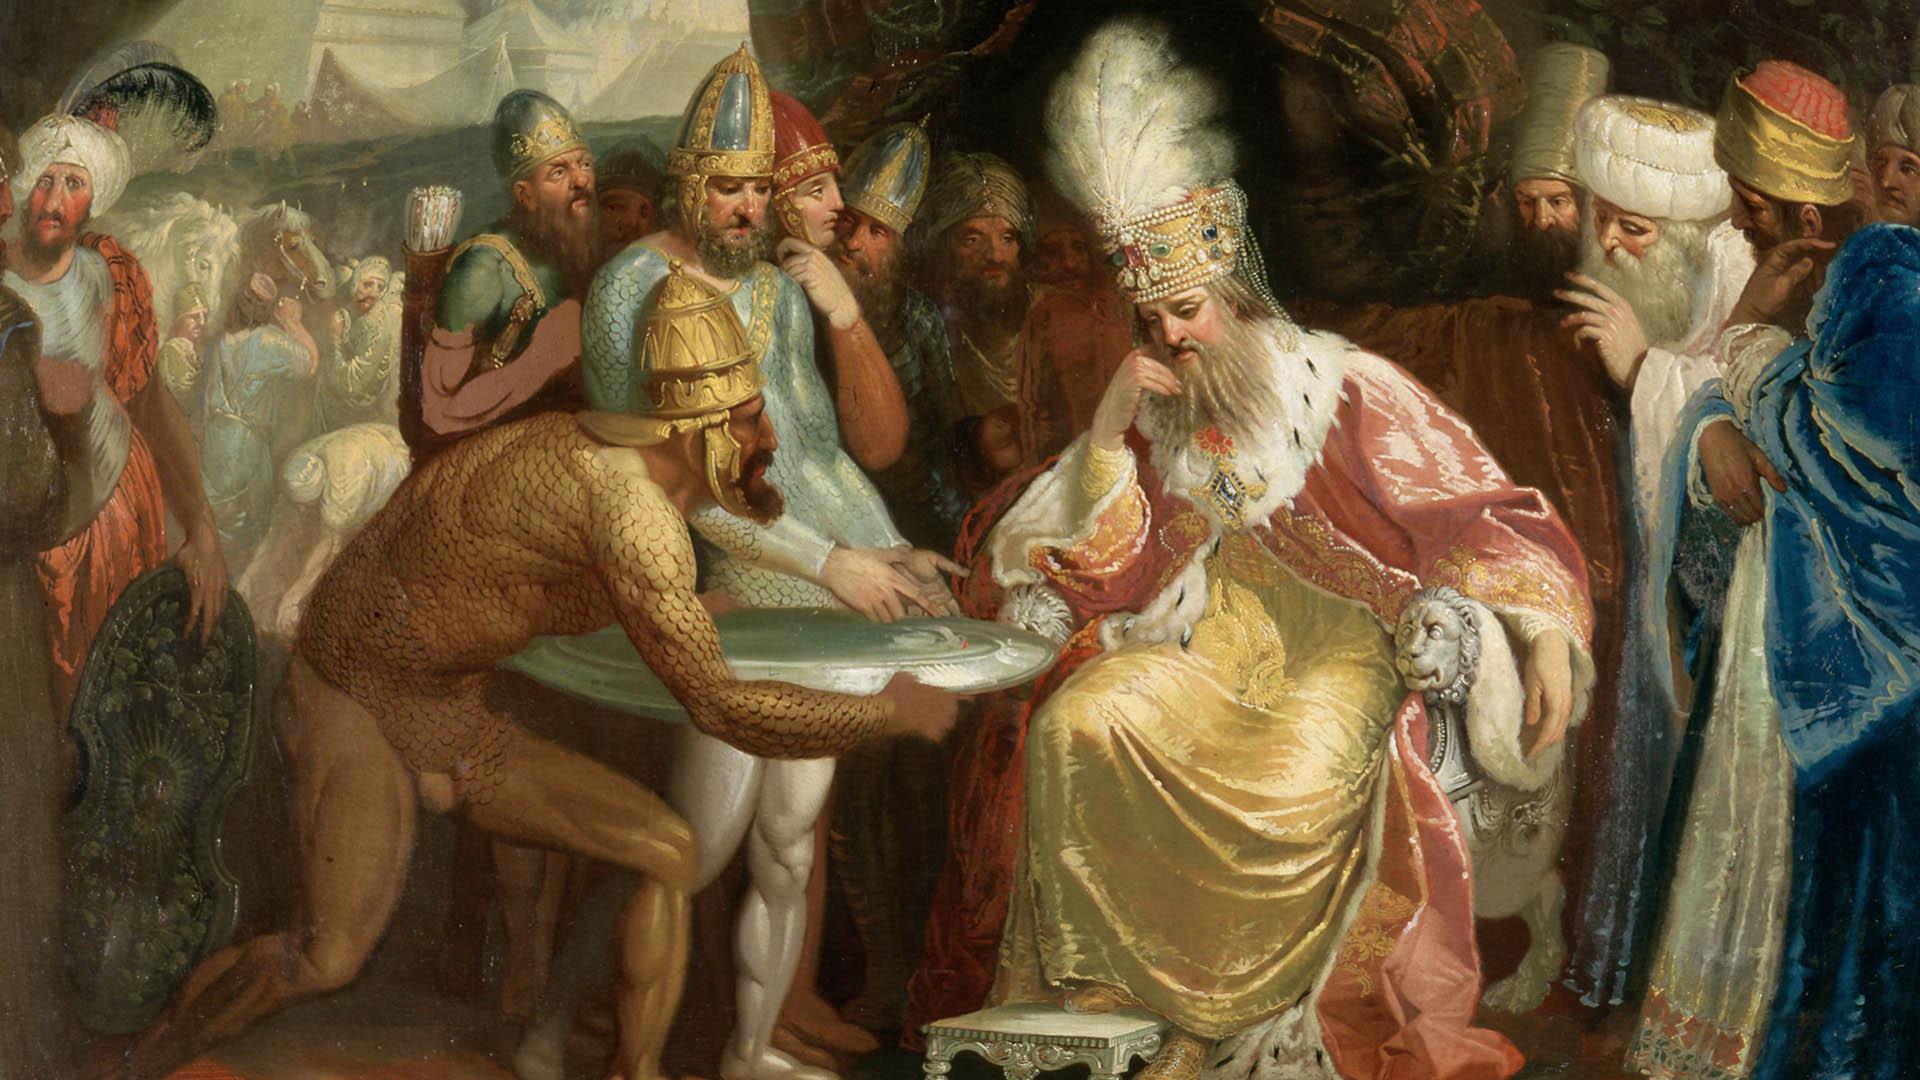 древний правитель. кто создал бога?